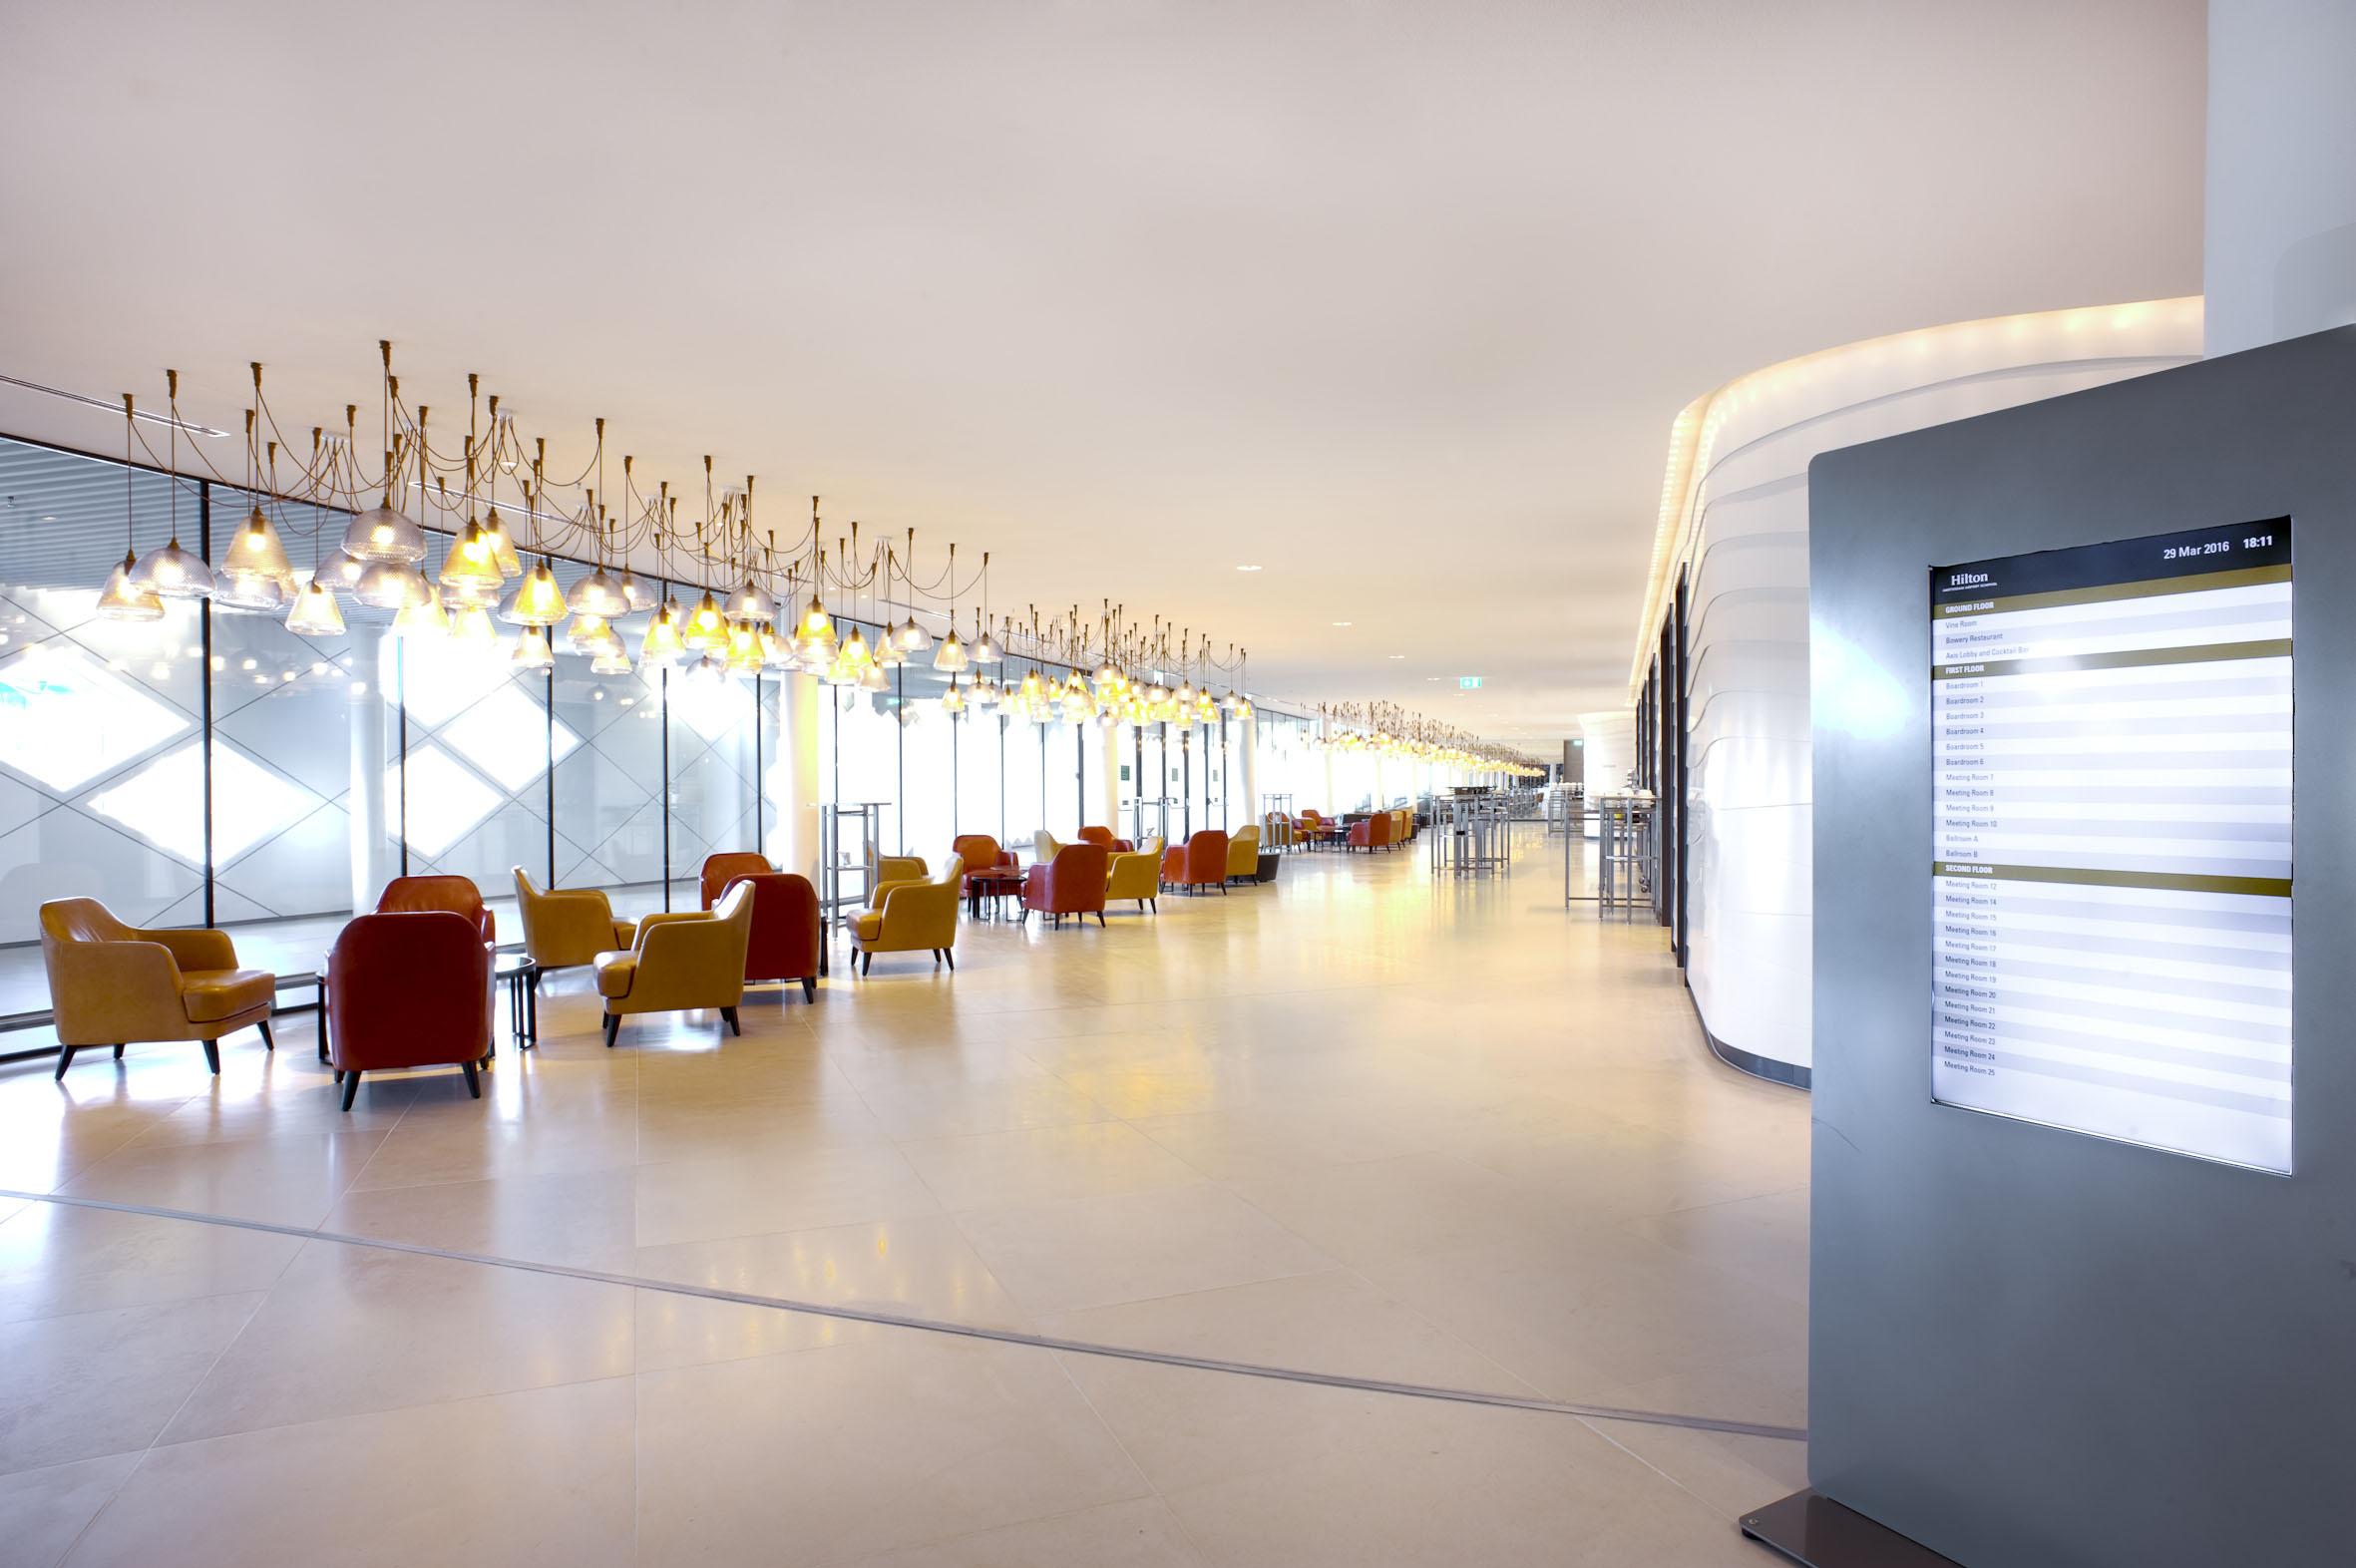 Hilton Airport Schiphol